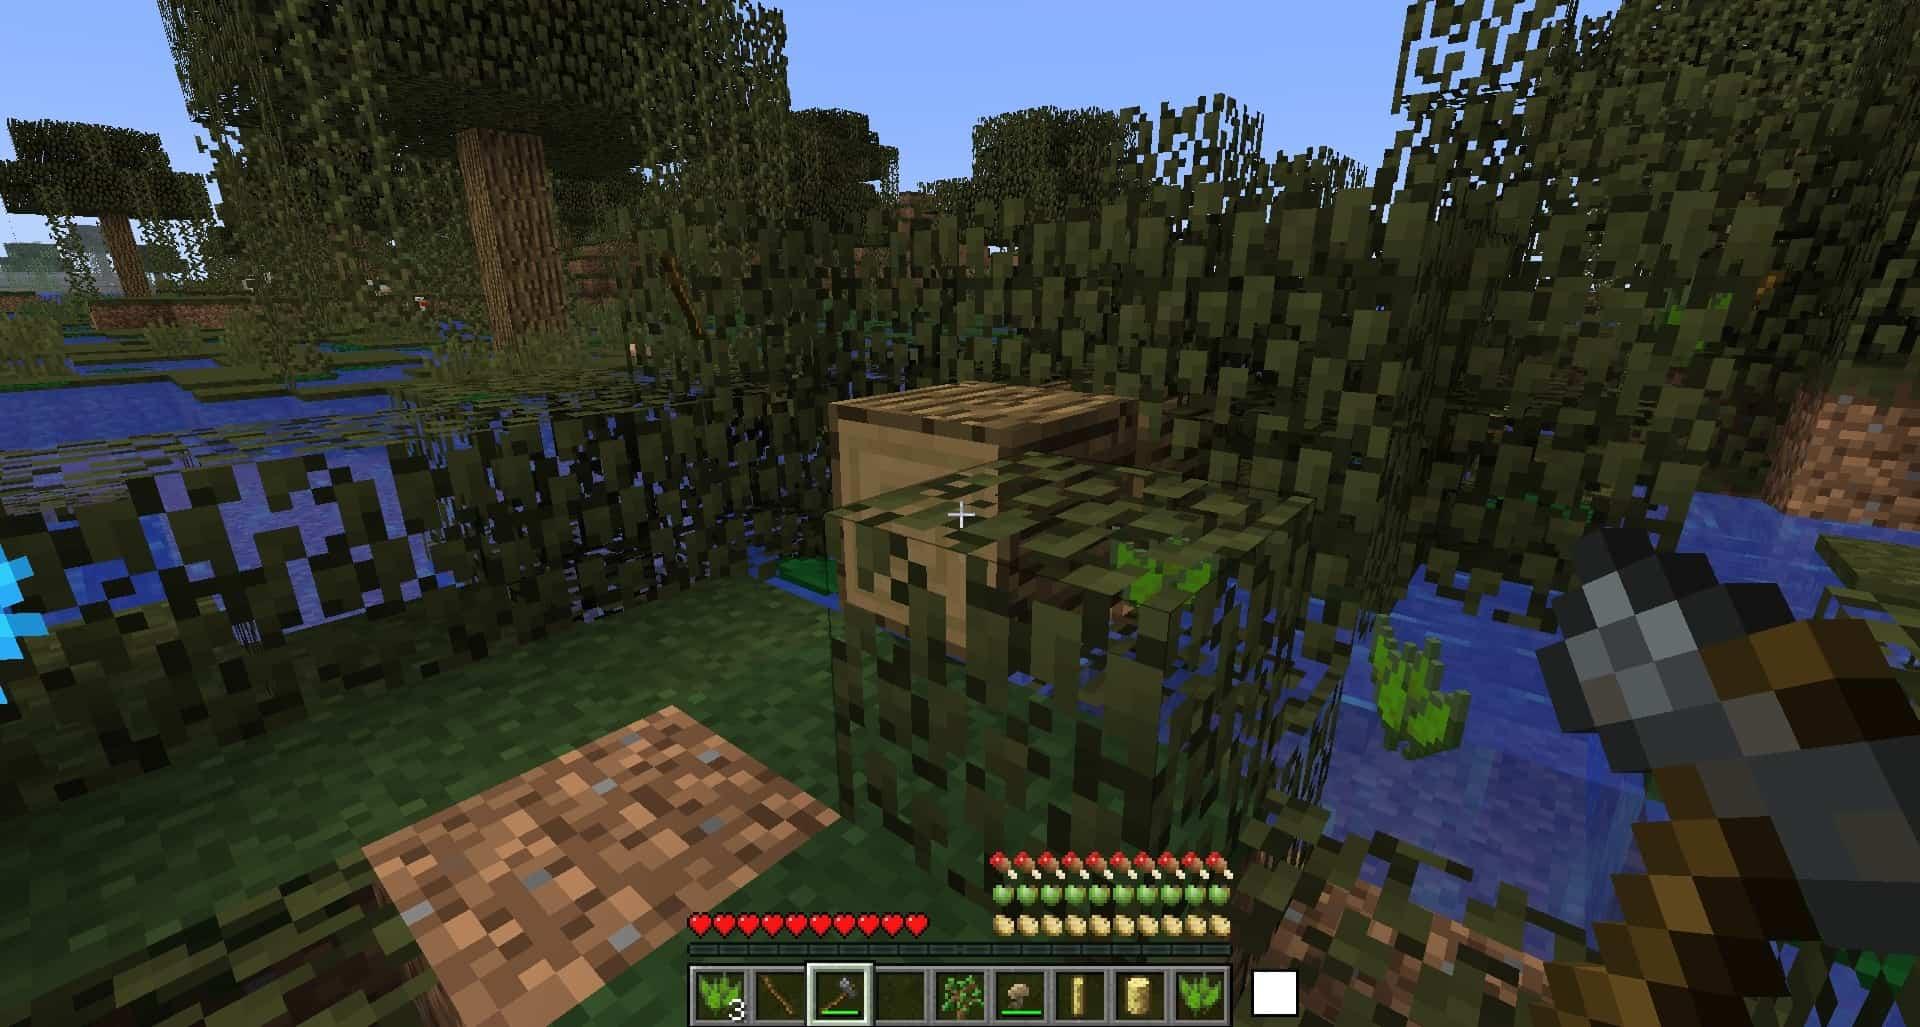 chute d'un arbre avec le mod Geomastery